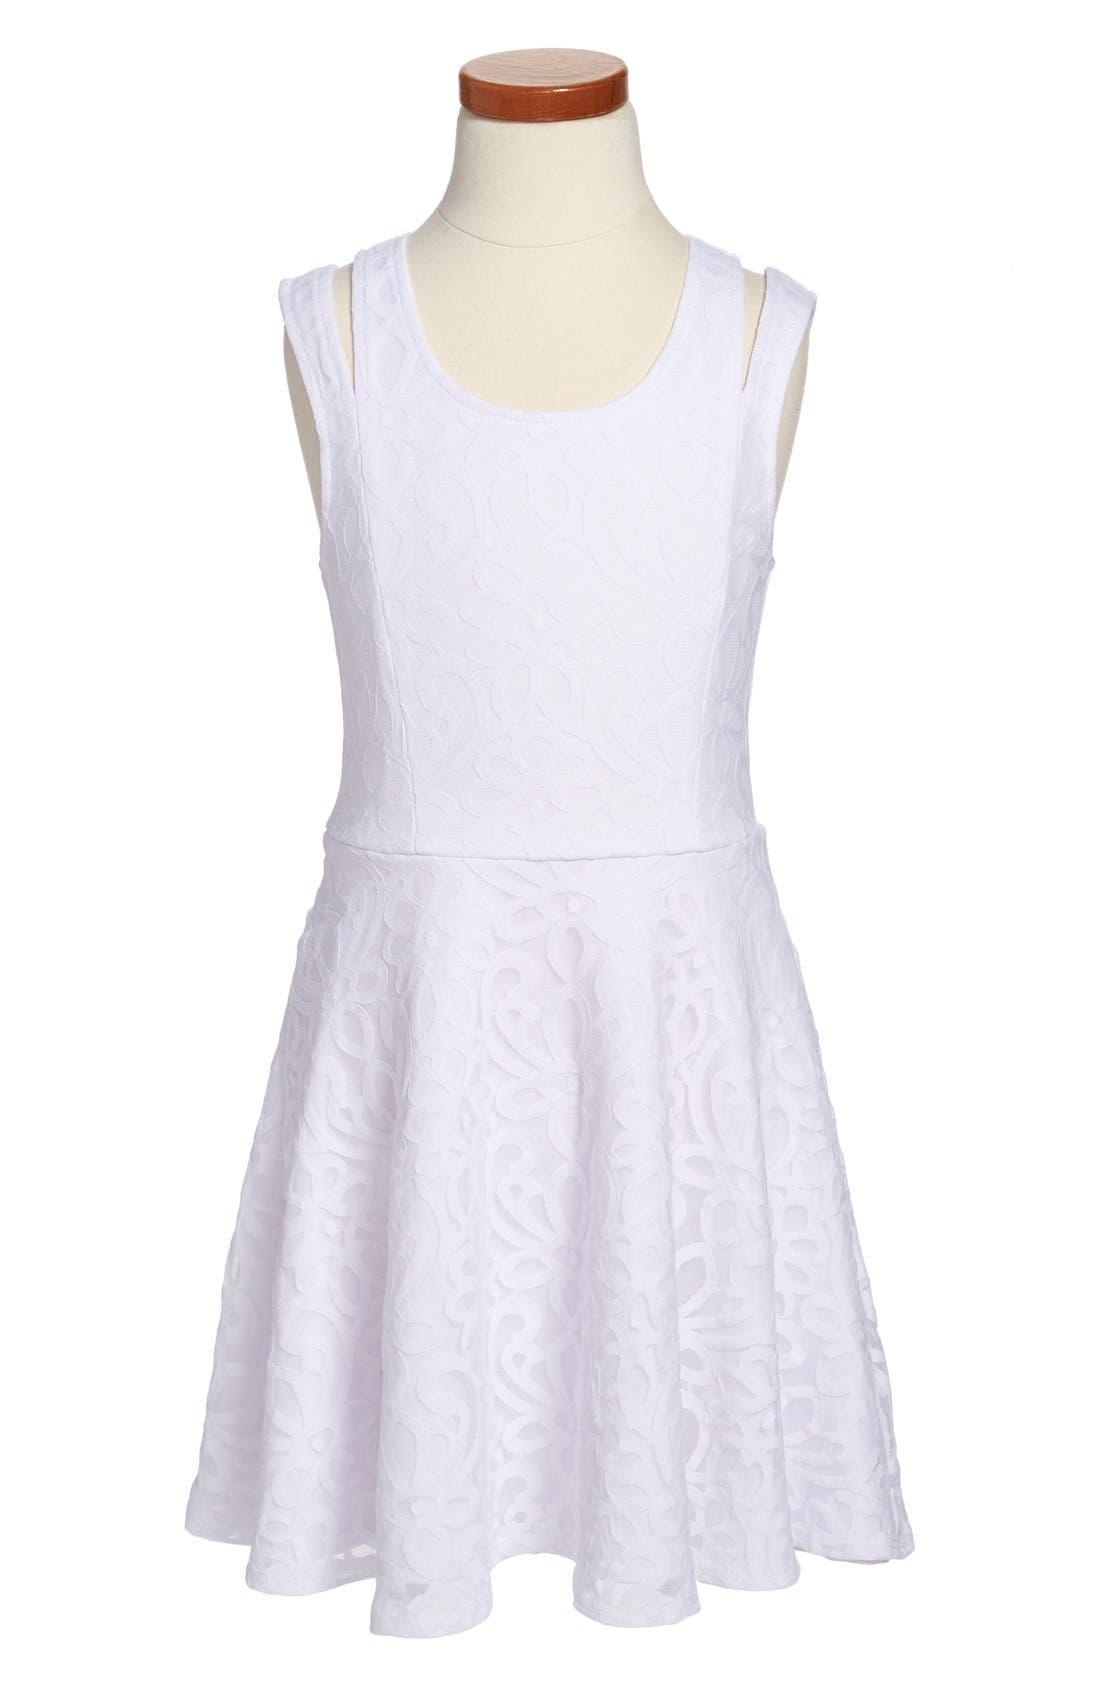 Main Image - Sally Miller 'Soutache' Sleeveless Dress (Big Girls)